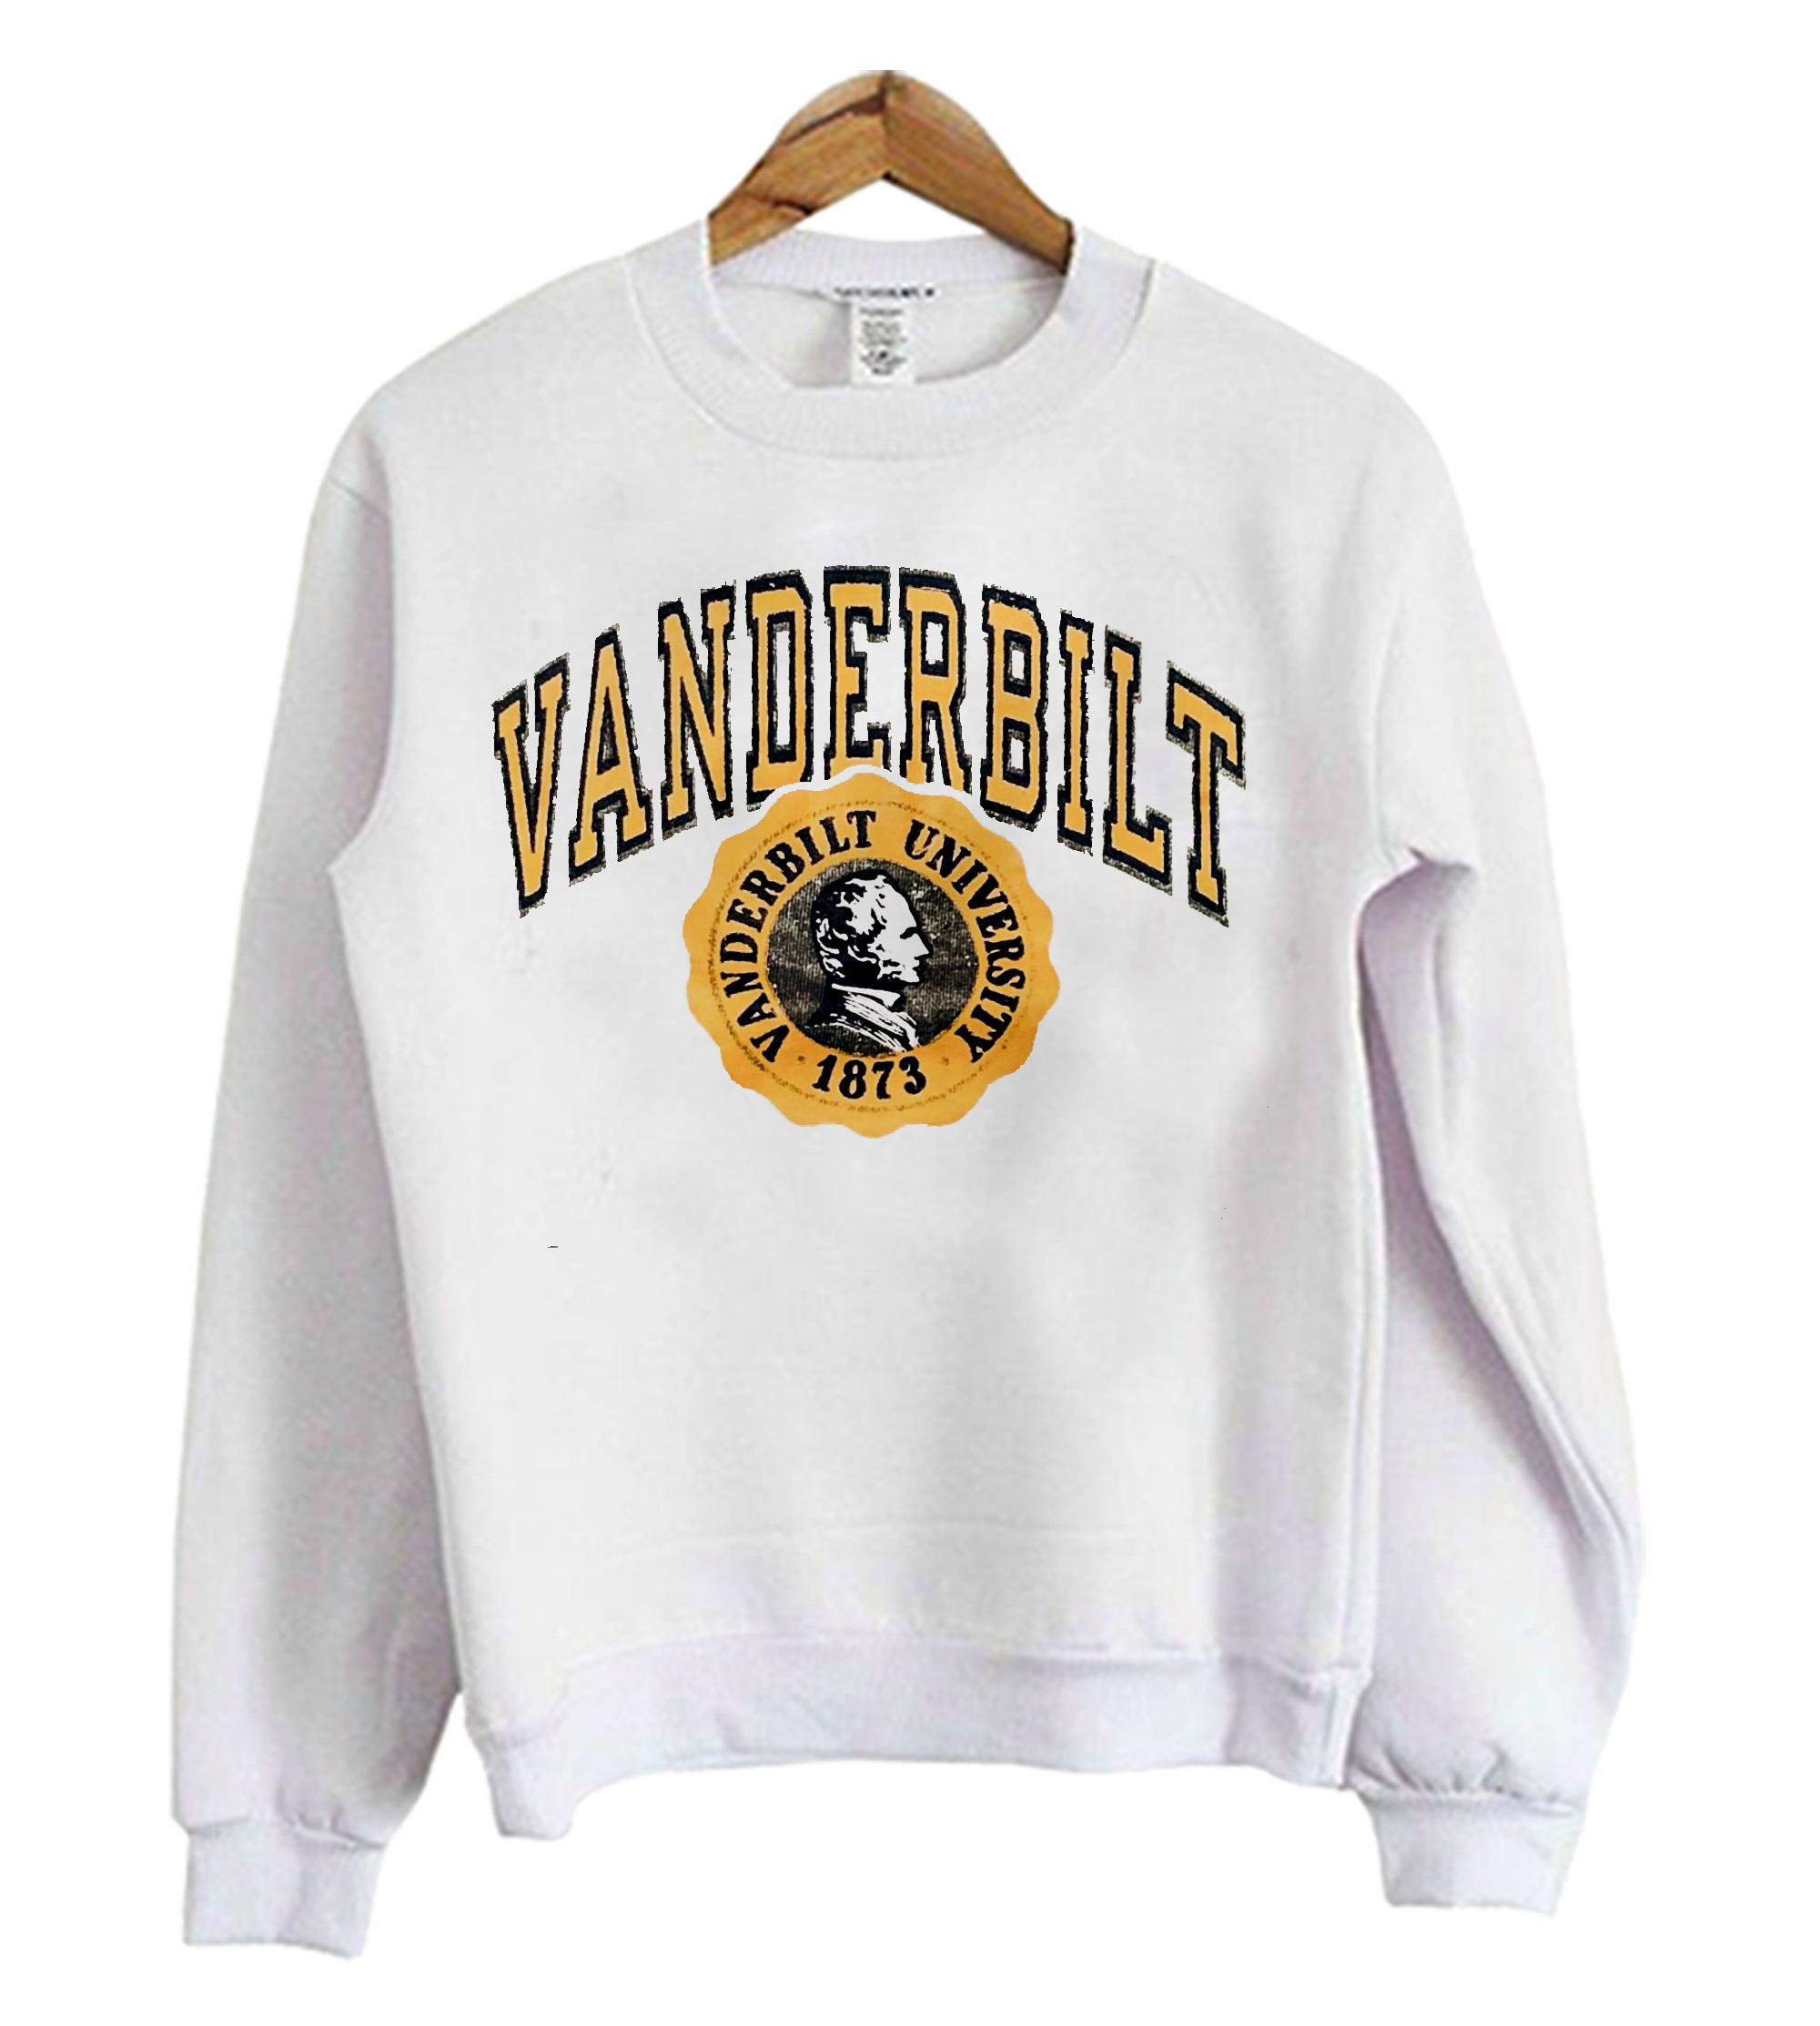 Vanderbilt University Sweatshirt